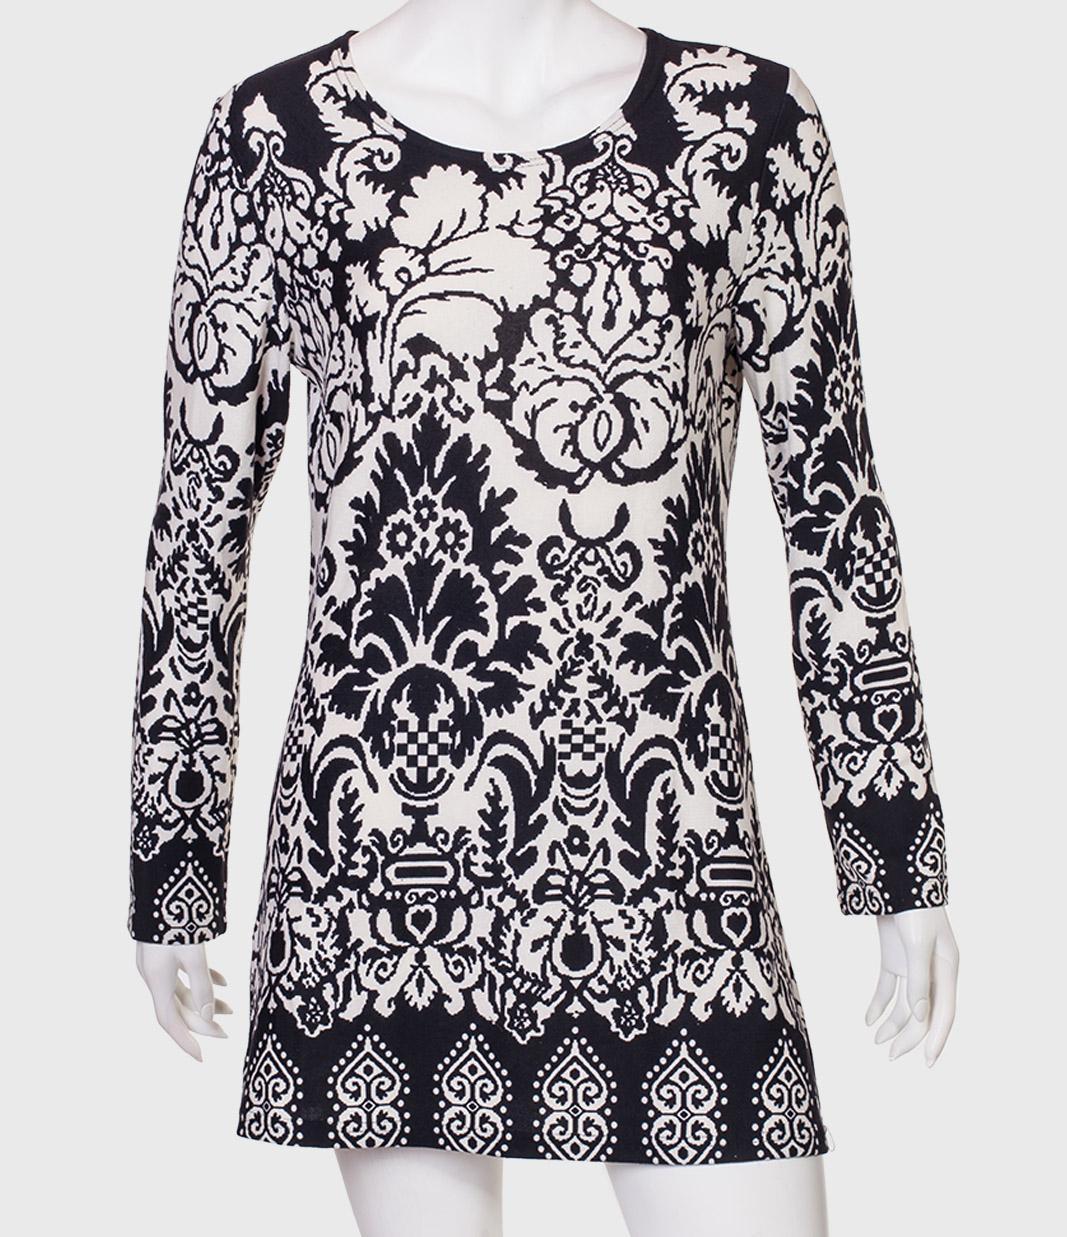 Купить черно-белое платье от бренда Nostalgia